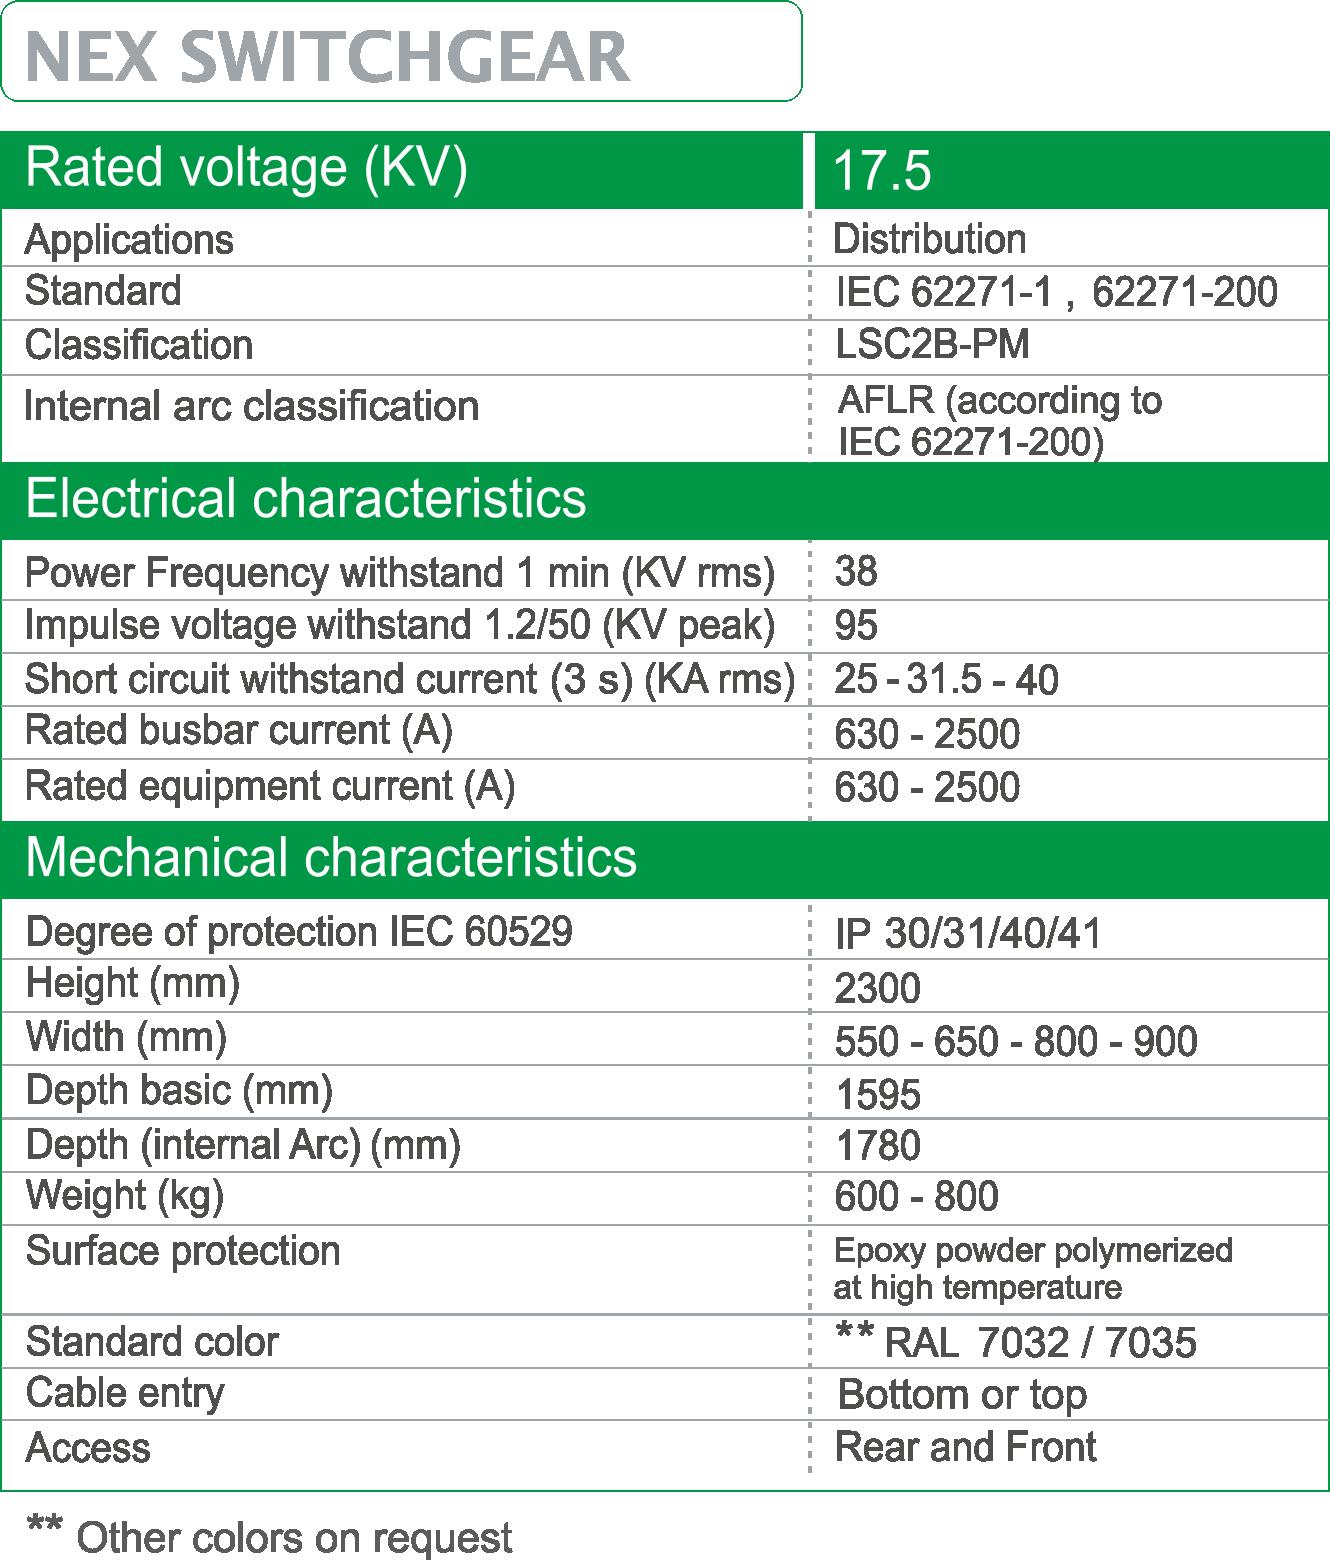 NEX-17.5KV